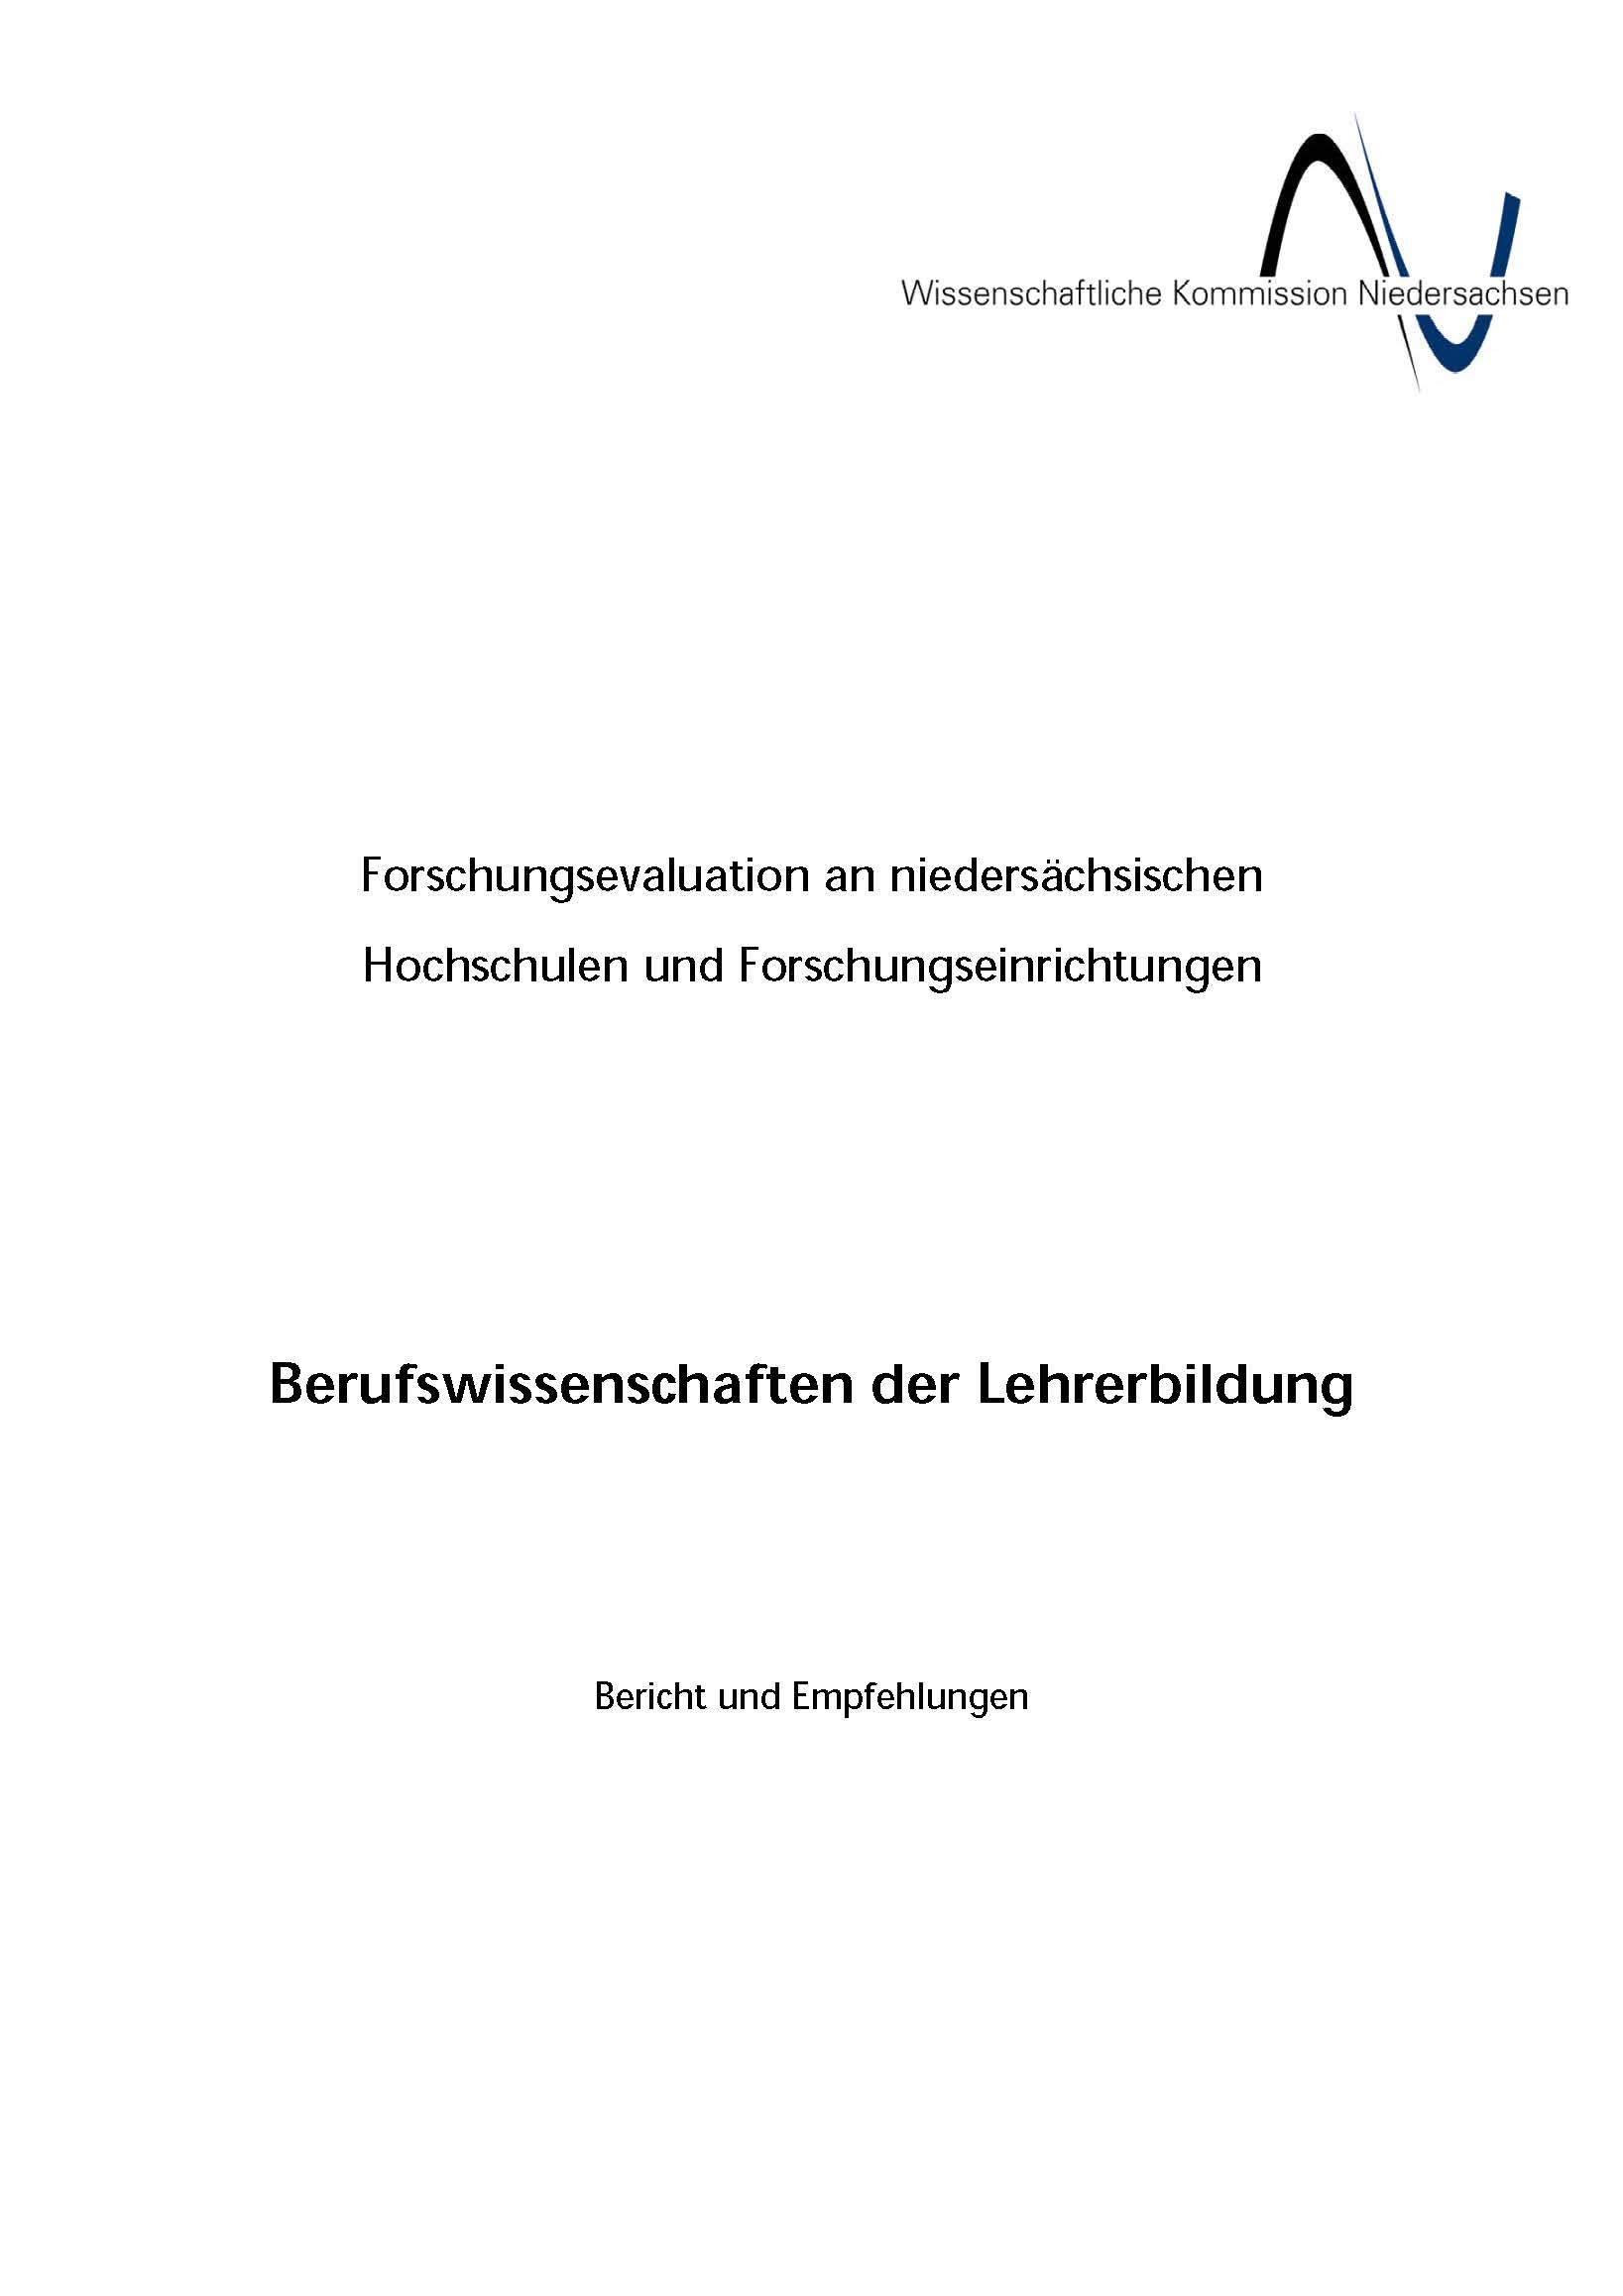 WKN 2002 Evaluationsbericht Berufswissenschaften der Lehrerbildung in Niedersachsen - Auszüge Göttingen_Seite_14